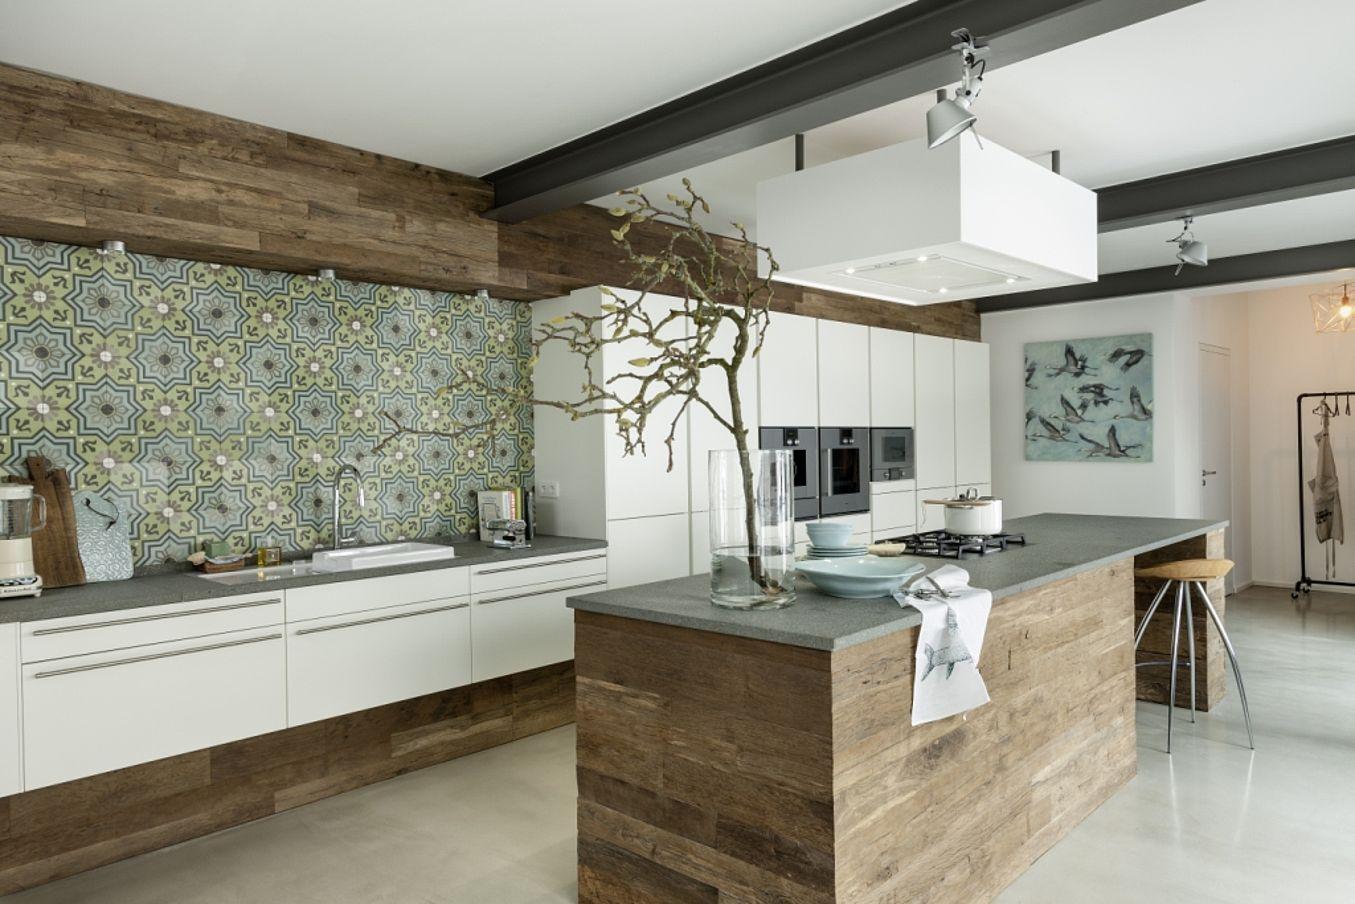 Full Size of Bodenfliesen Für Die Küche Design Bodenfliesen Küche Beispiele Bodenfliesen Für Küche Weiß Bodenfliesen Gewerbliche Küche Küche Bodenfliesen Küche